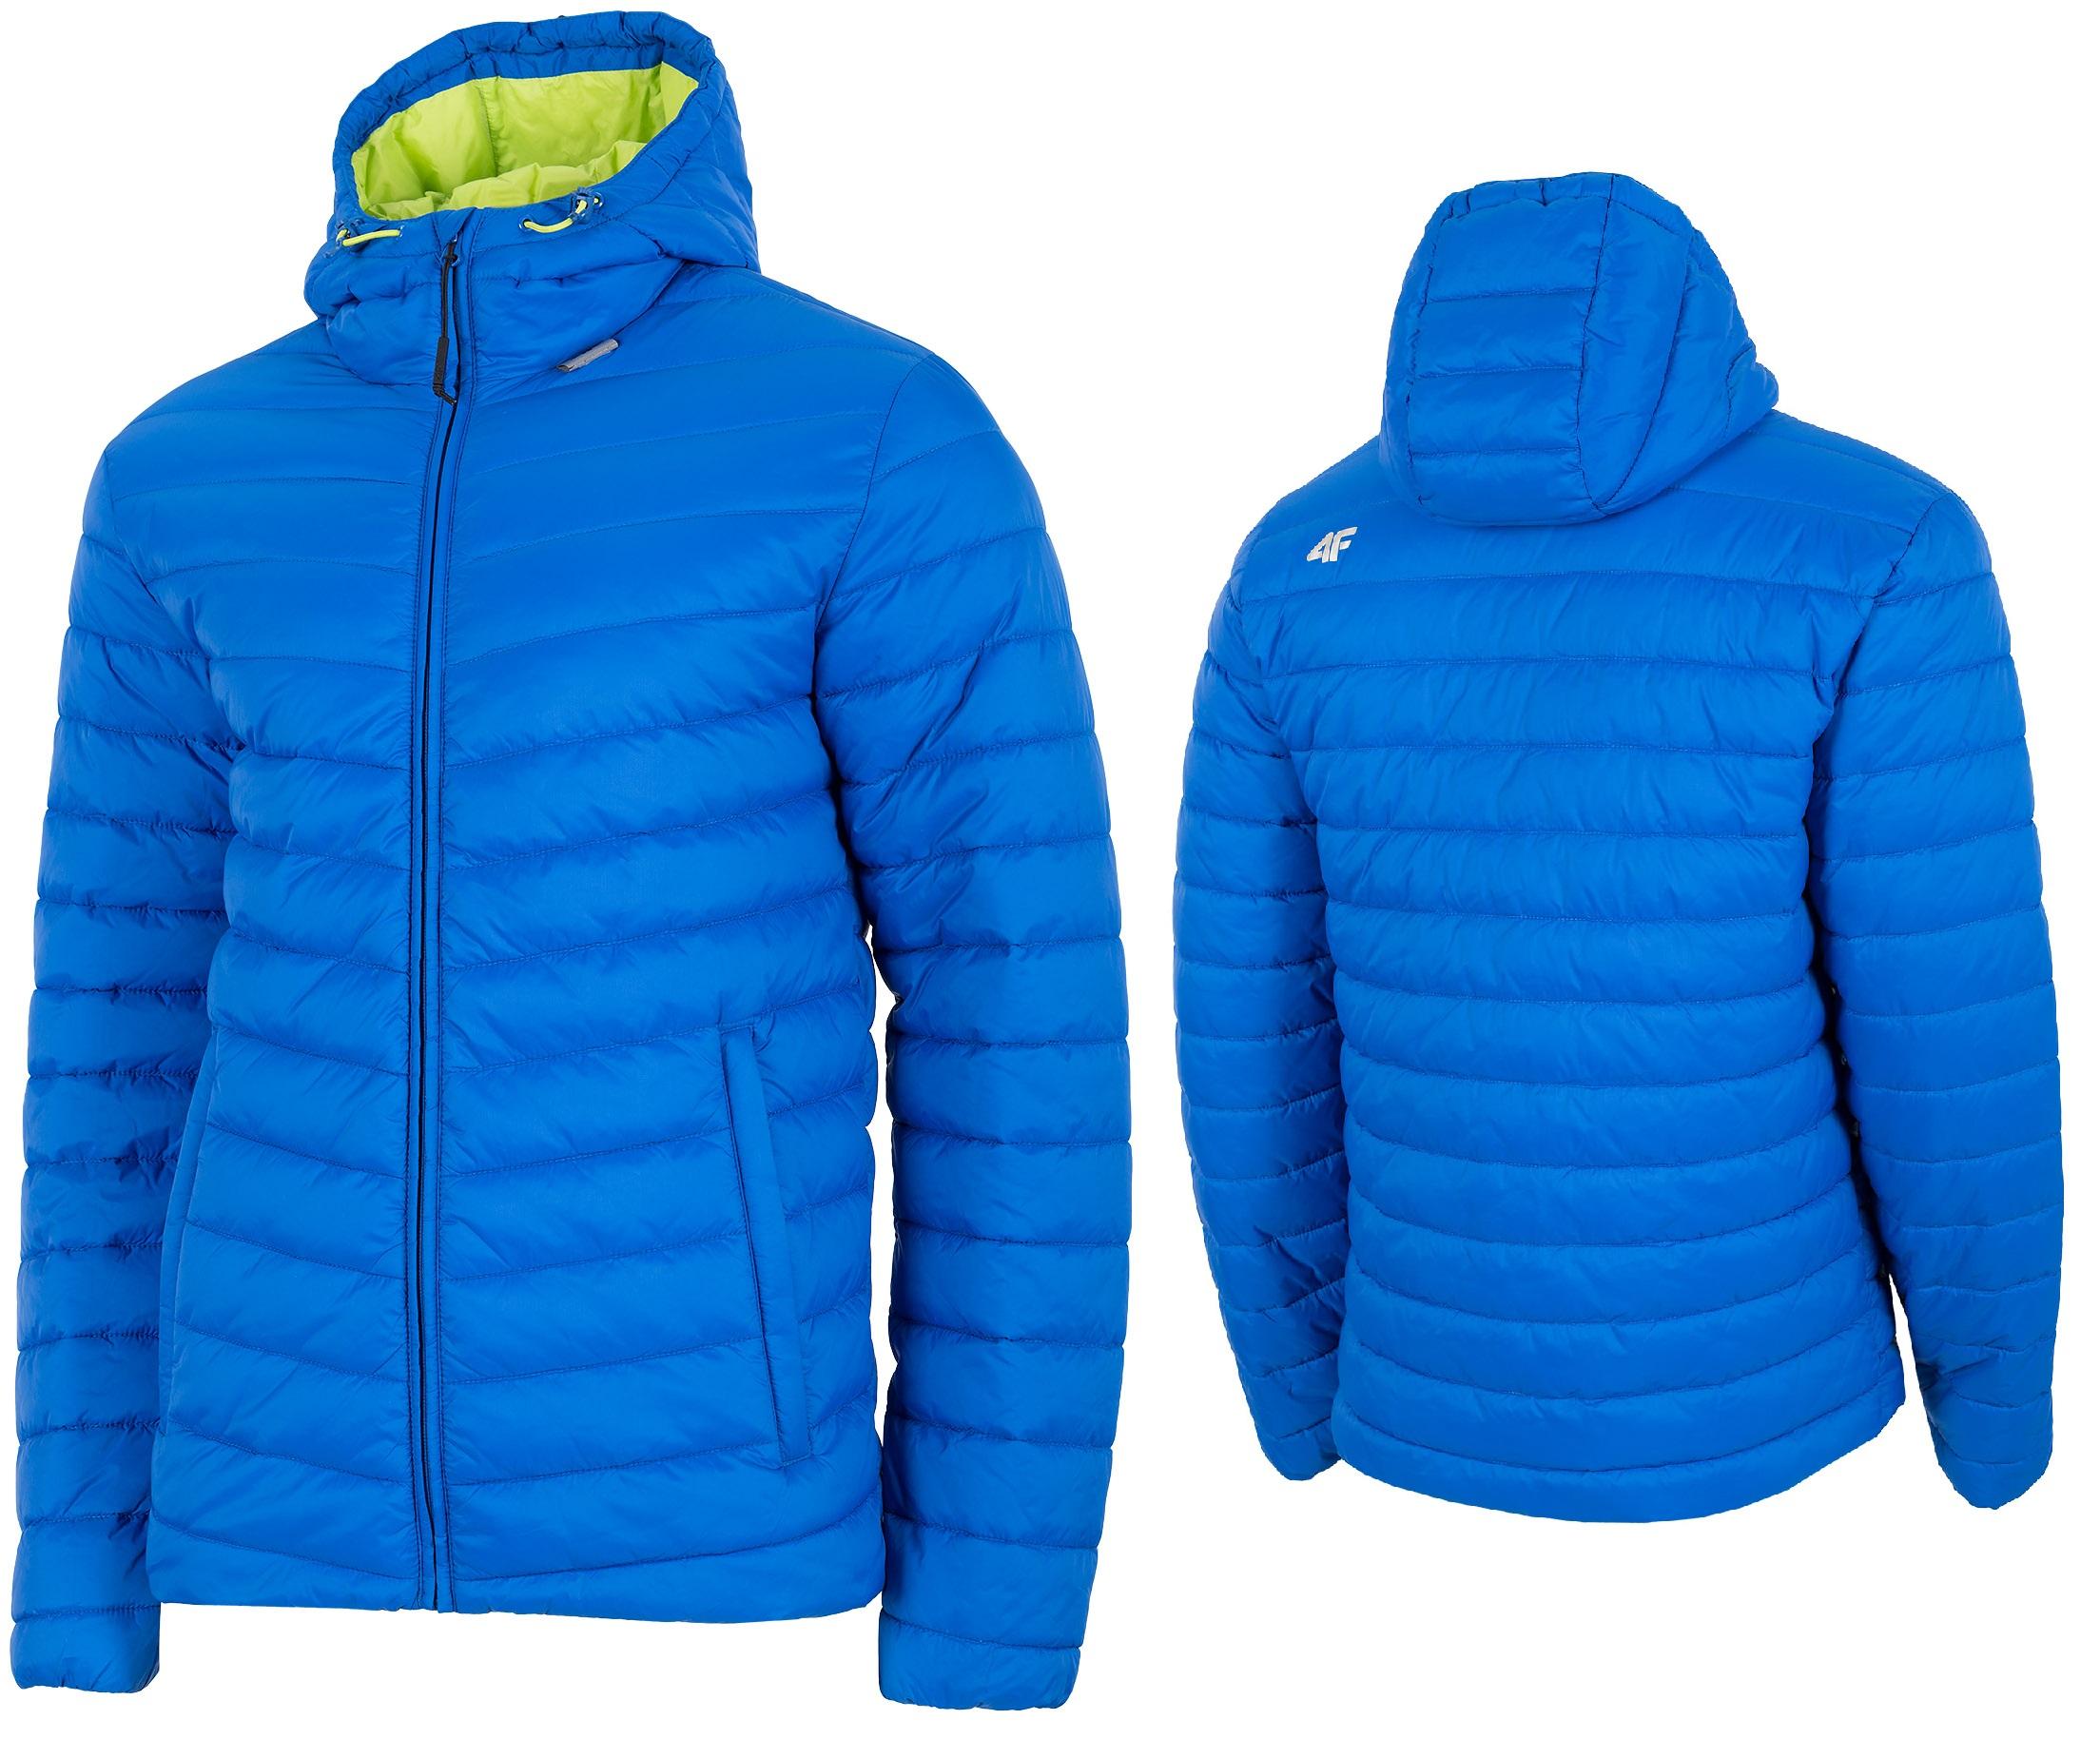 Męska kurtka puchowa pikowana 4F H4Z19 KUMP002 zielony niebieski